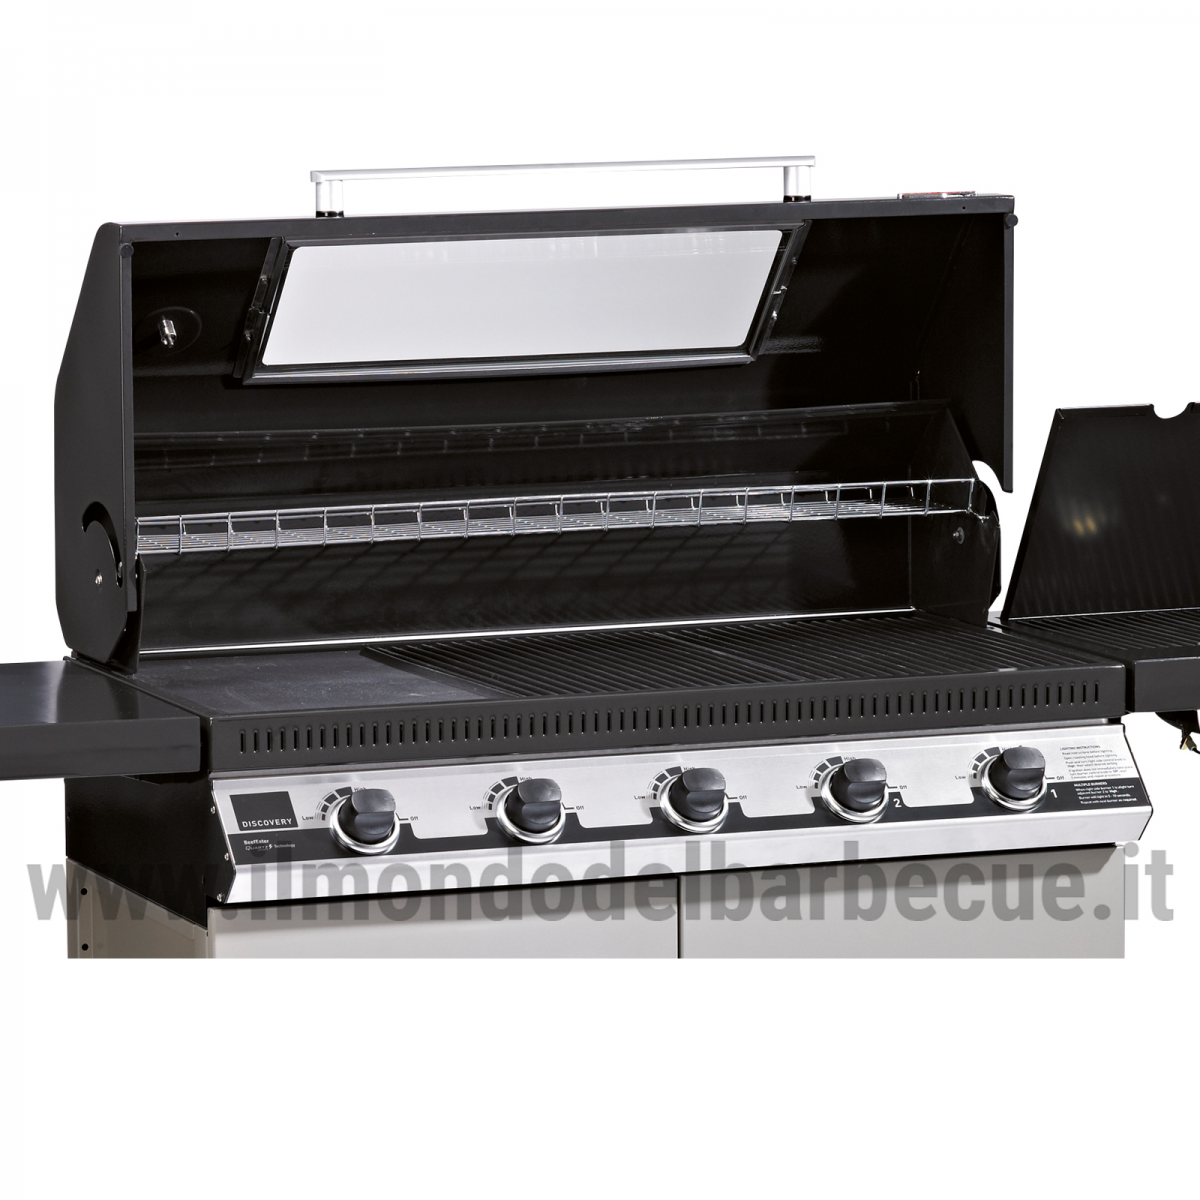 discovery 1100e 5 fuochi barbecue a gas il mondo del. Black Bedroom Furniture Sets. Home Design Ideas